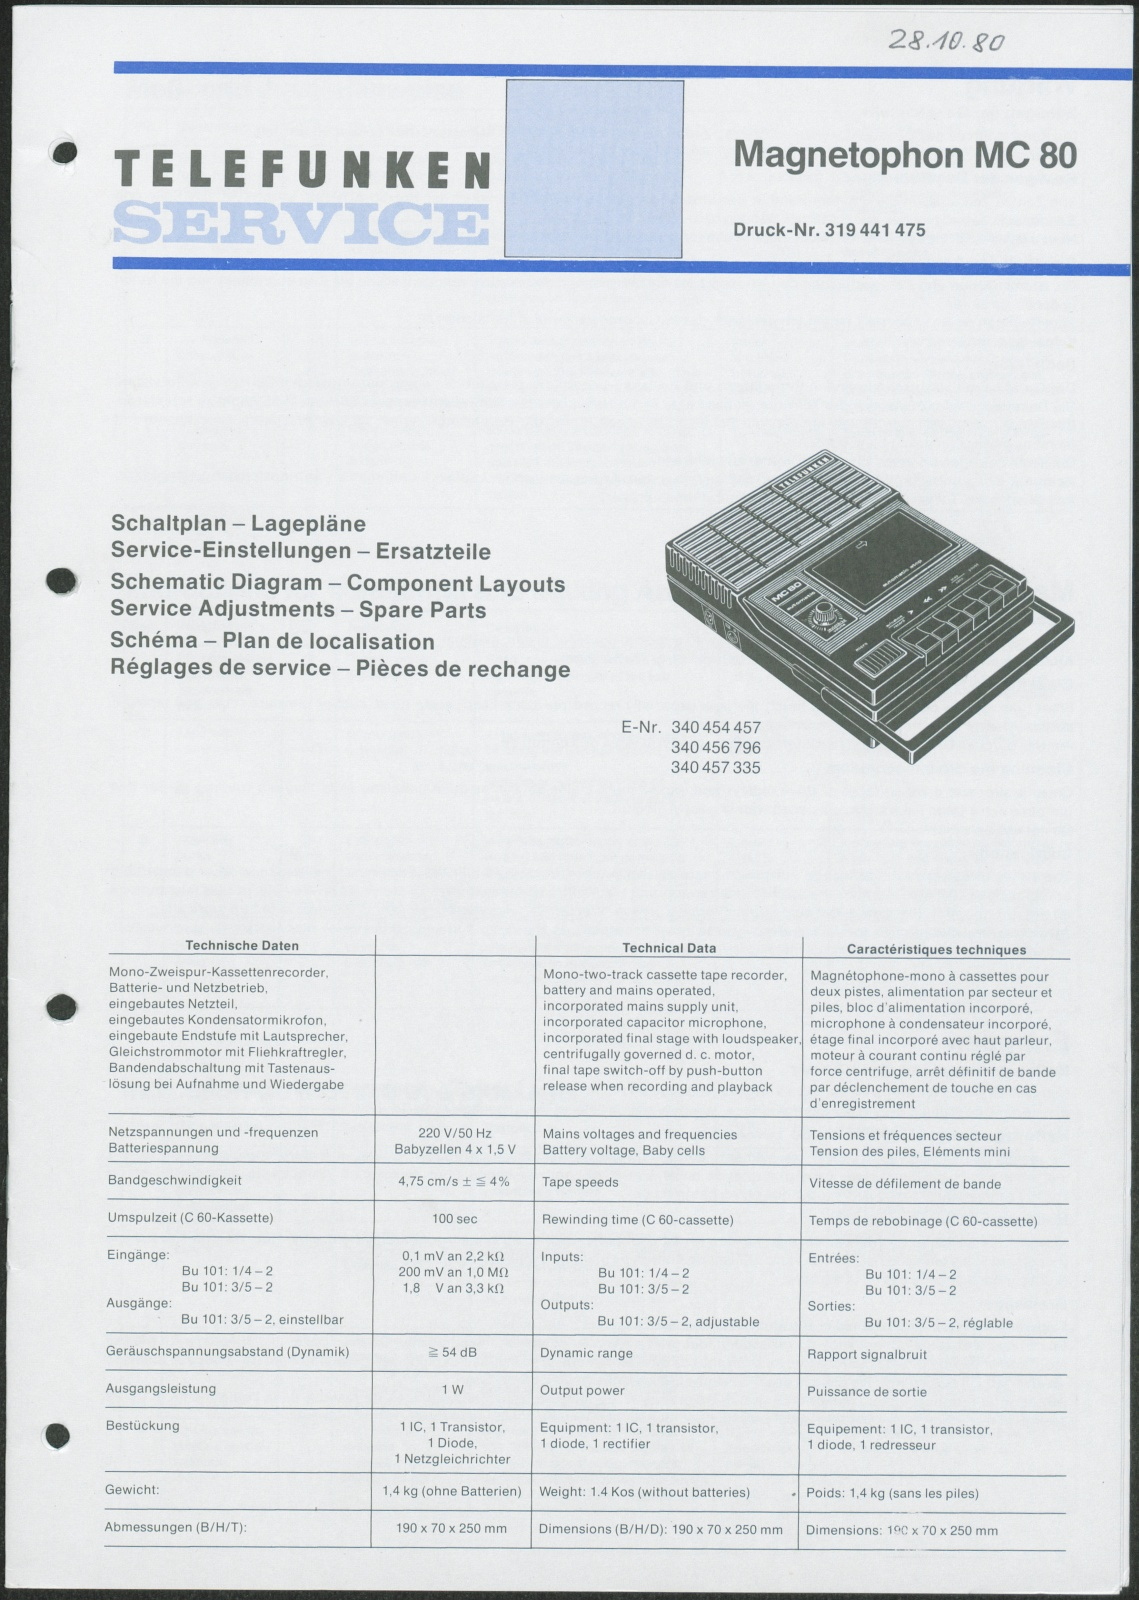 Bedienungsanleitung: Telefunken Service für Telefunken Magnetophon